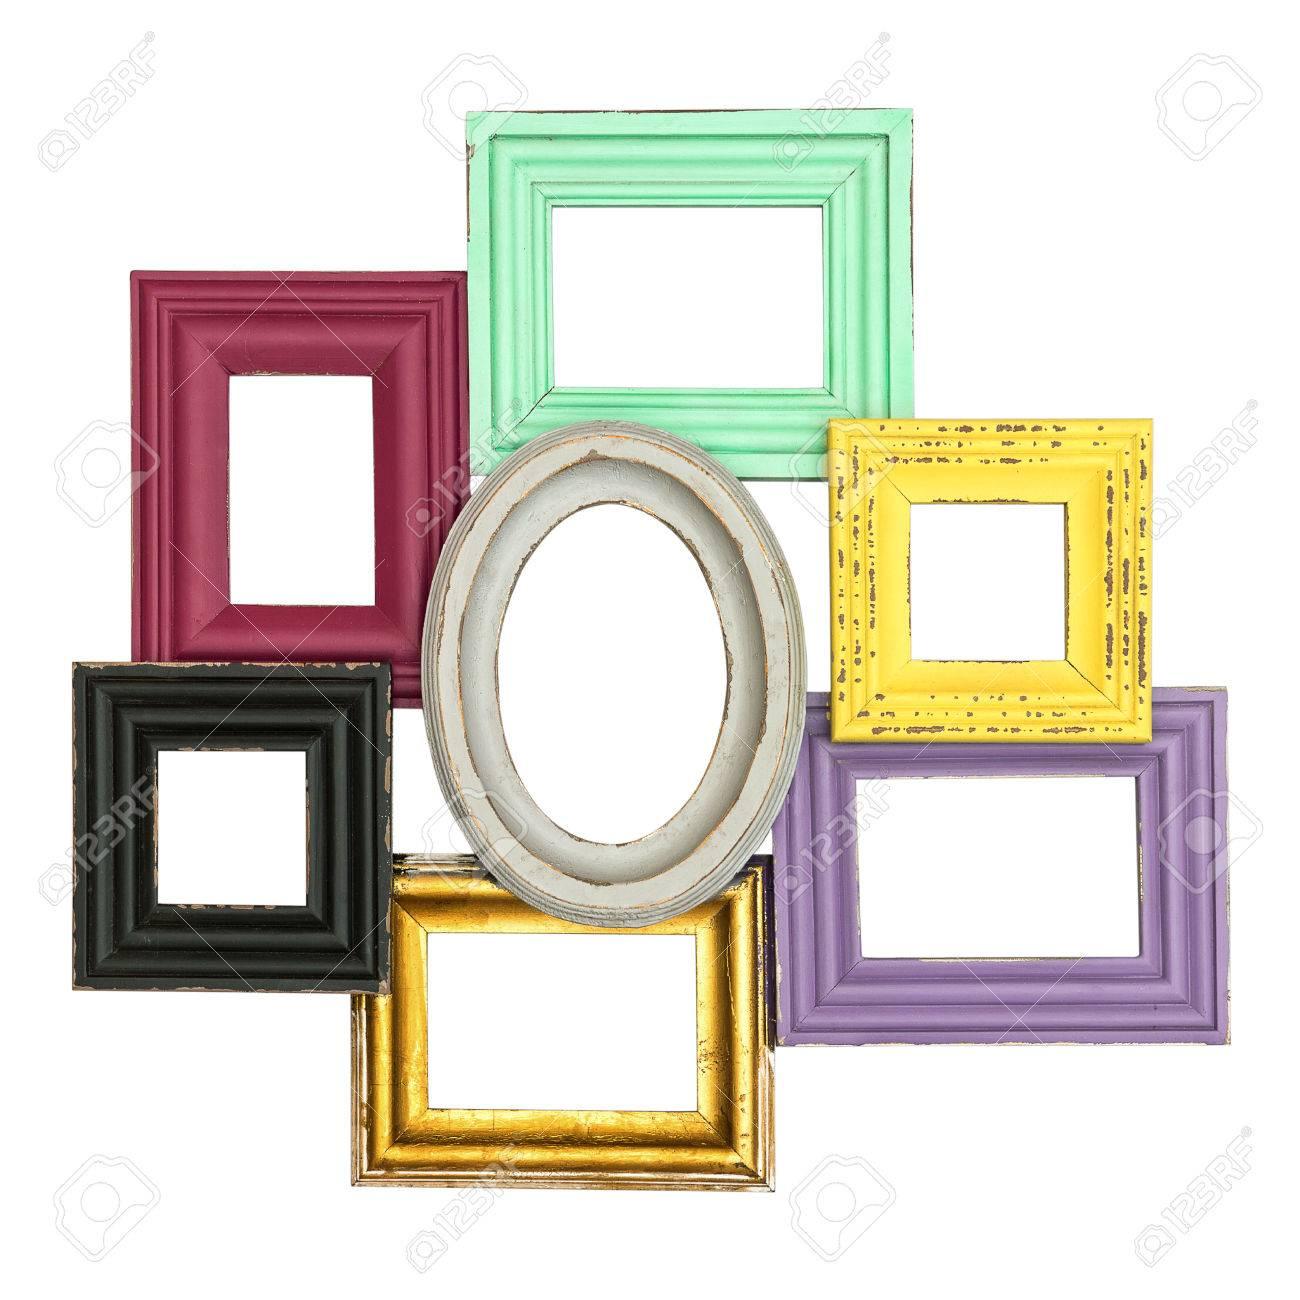 Vintage-Rahmen-Stil Isoliert Auf Weißem Hintergrund Multicolor ...